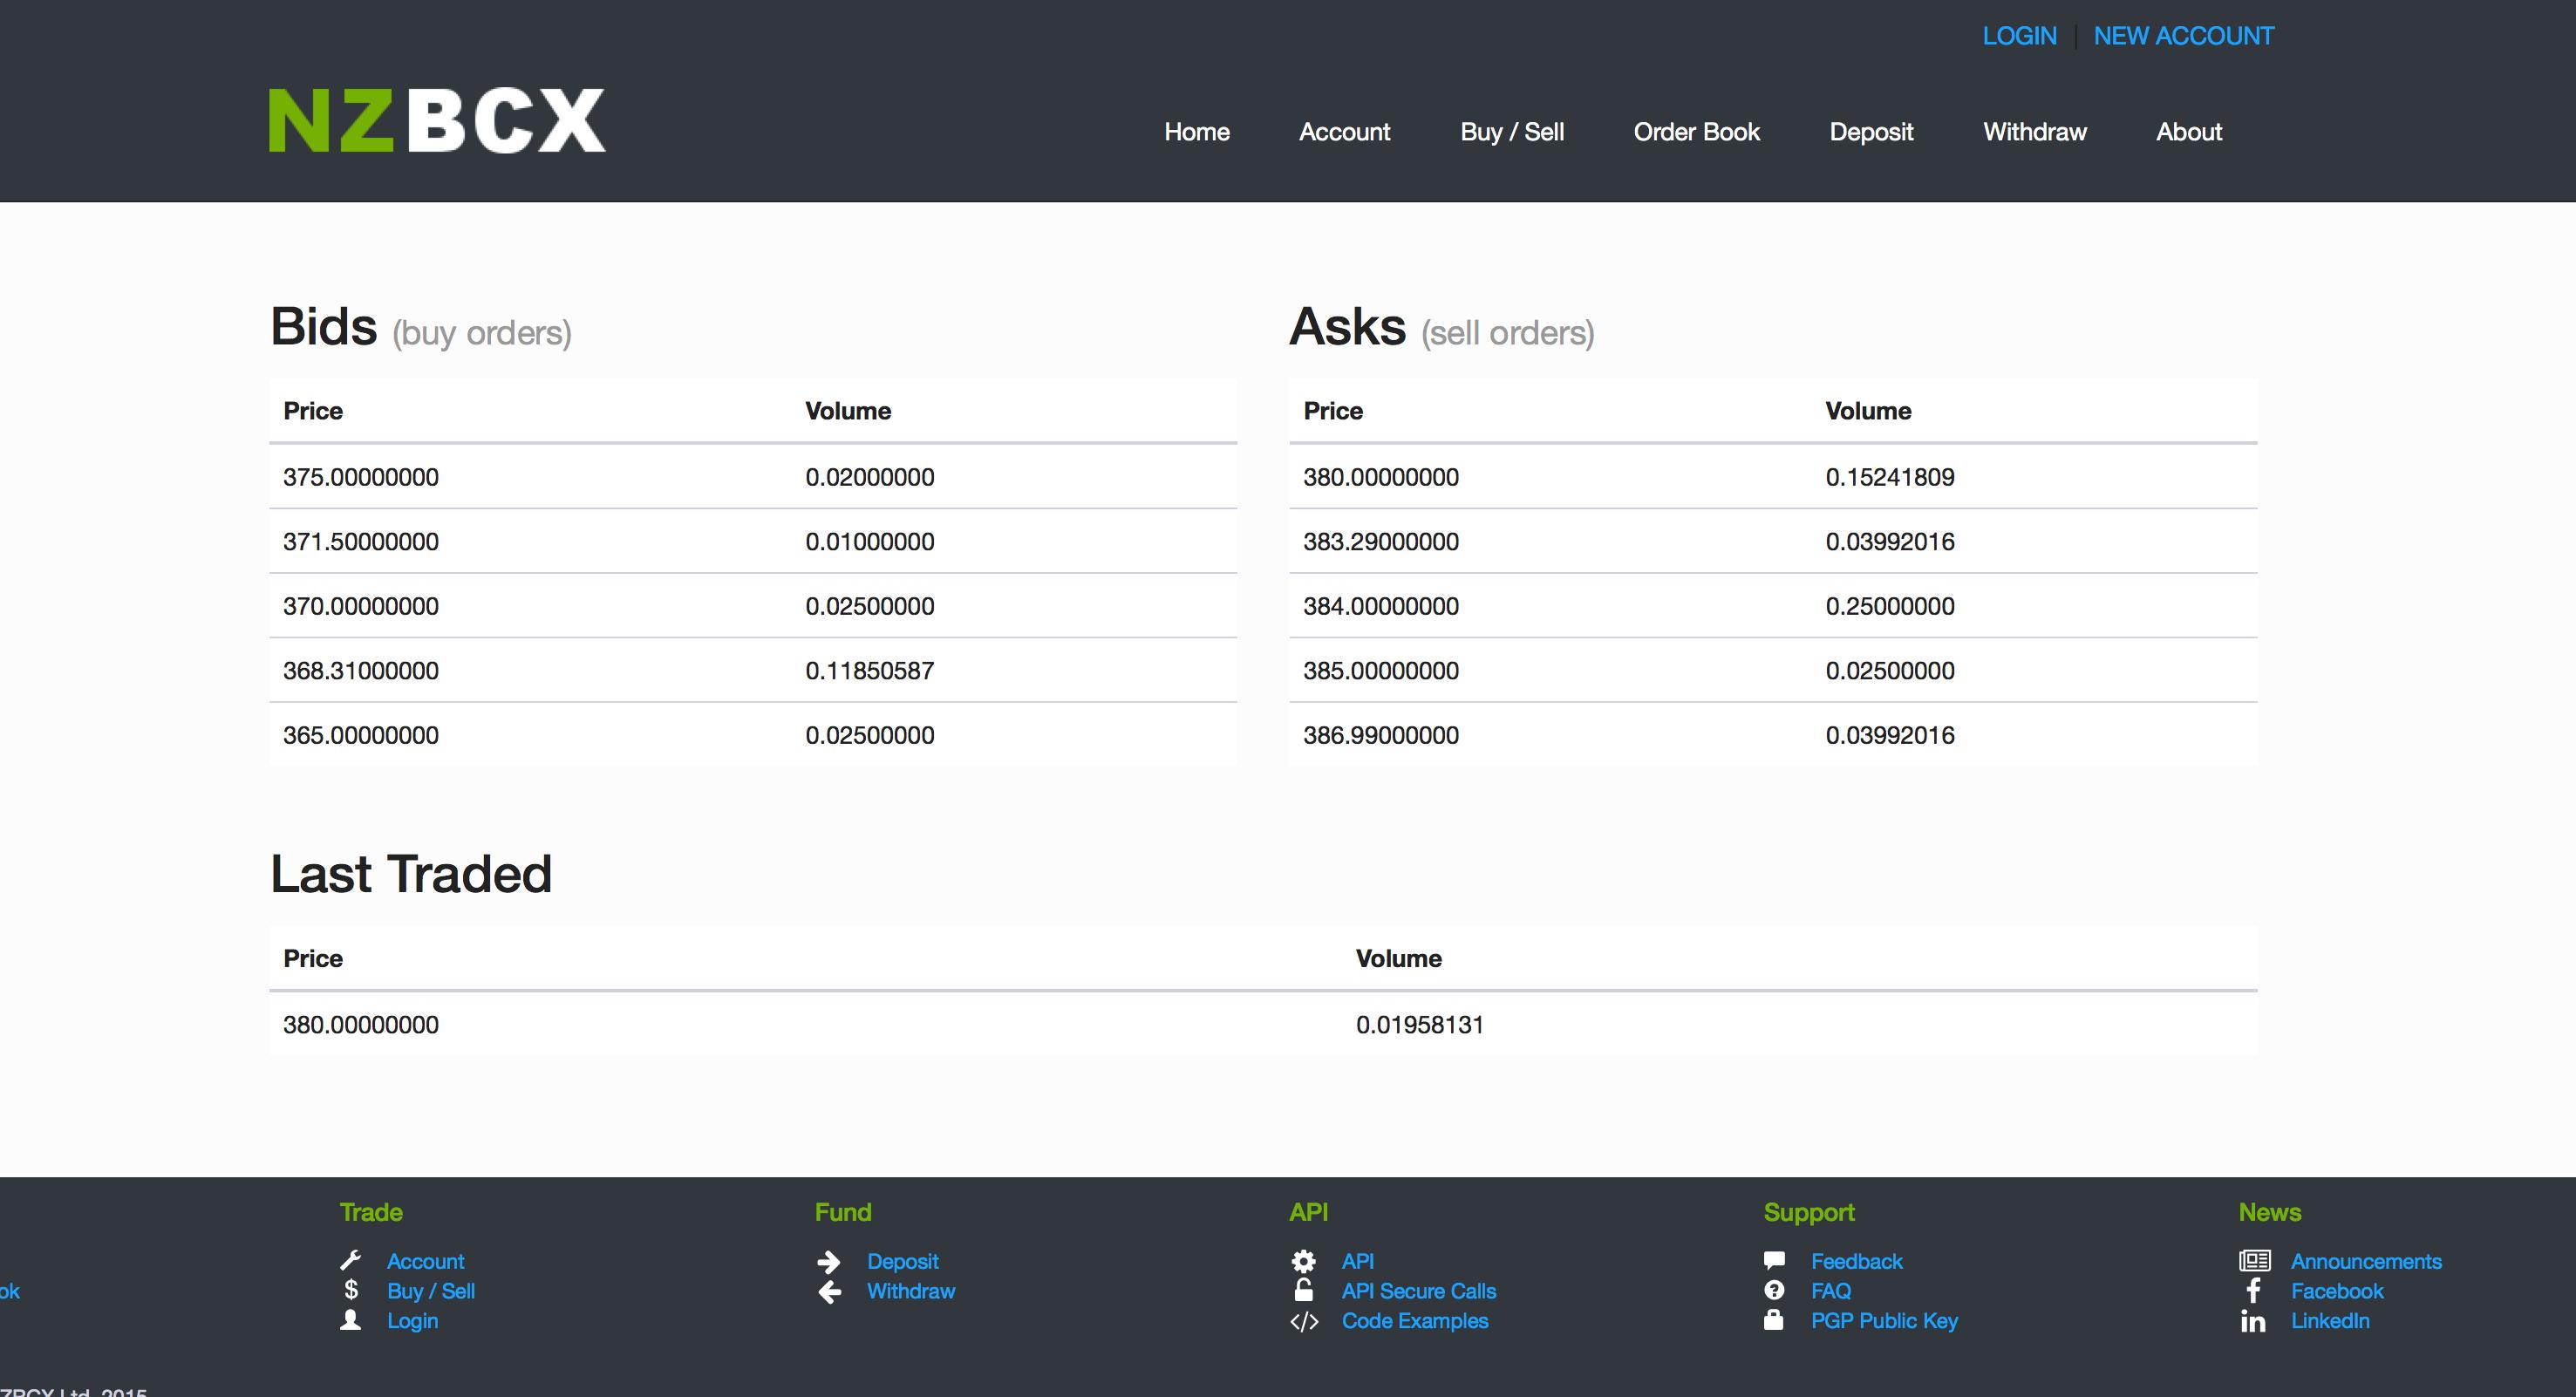 NZBCX screenshot